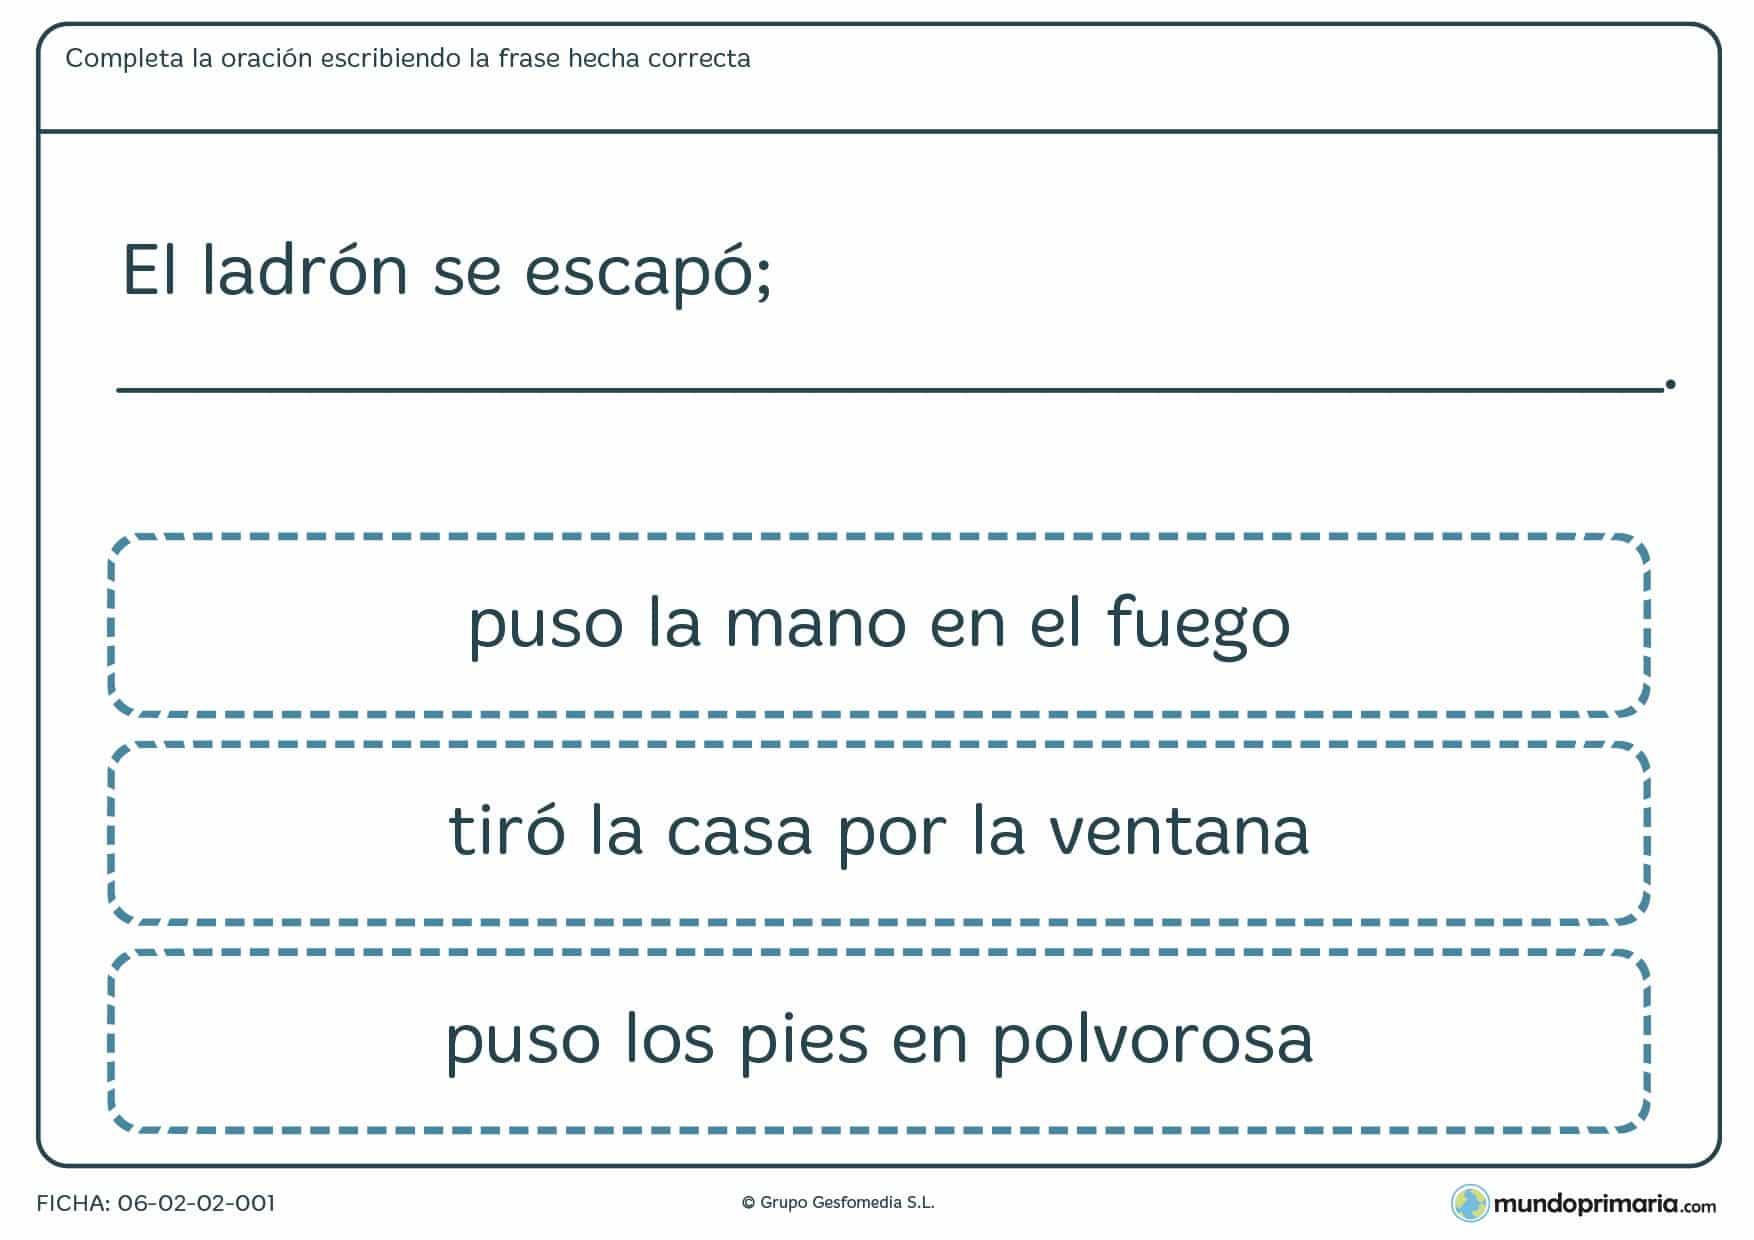 Ficha de completar frase eligiendo la opción que sea correcta según su contexto.